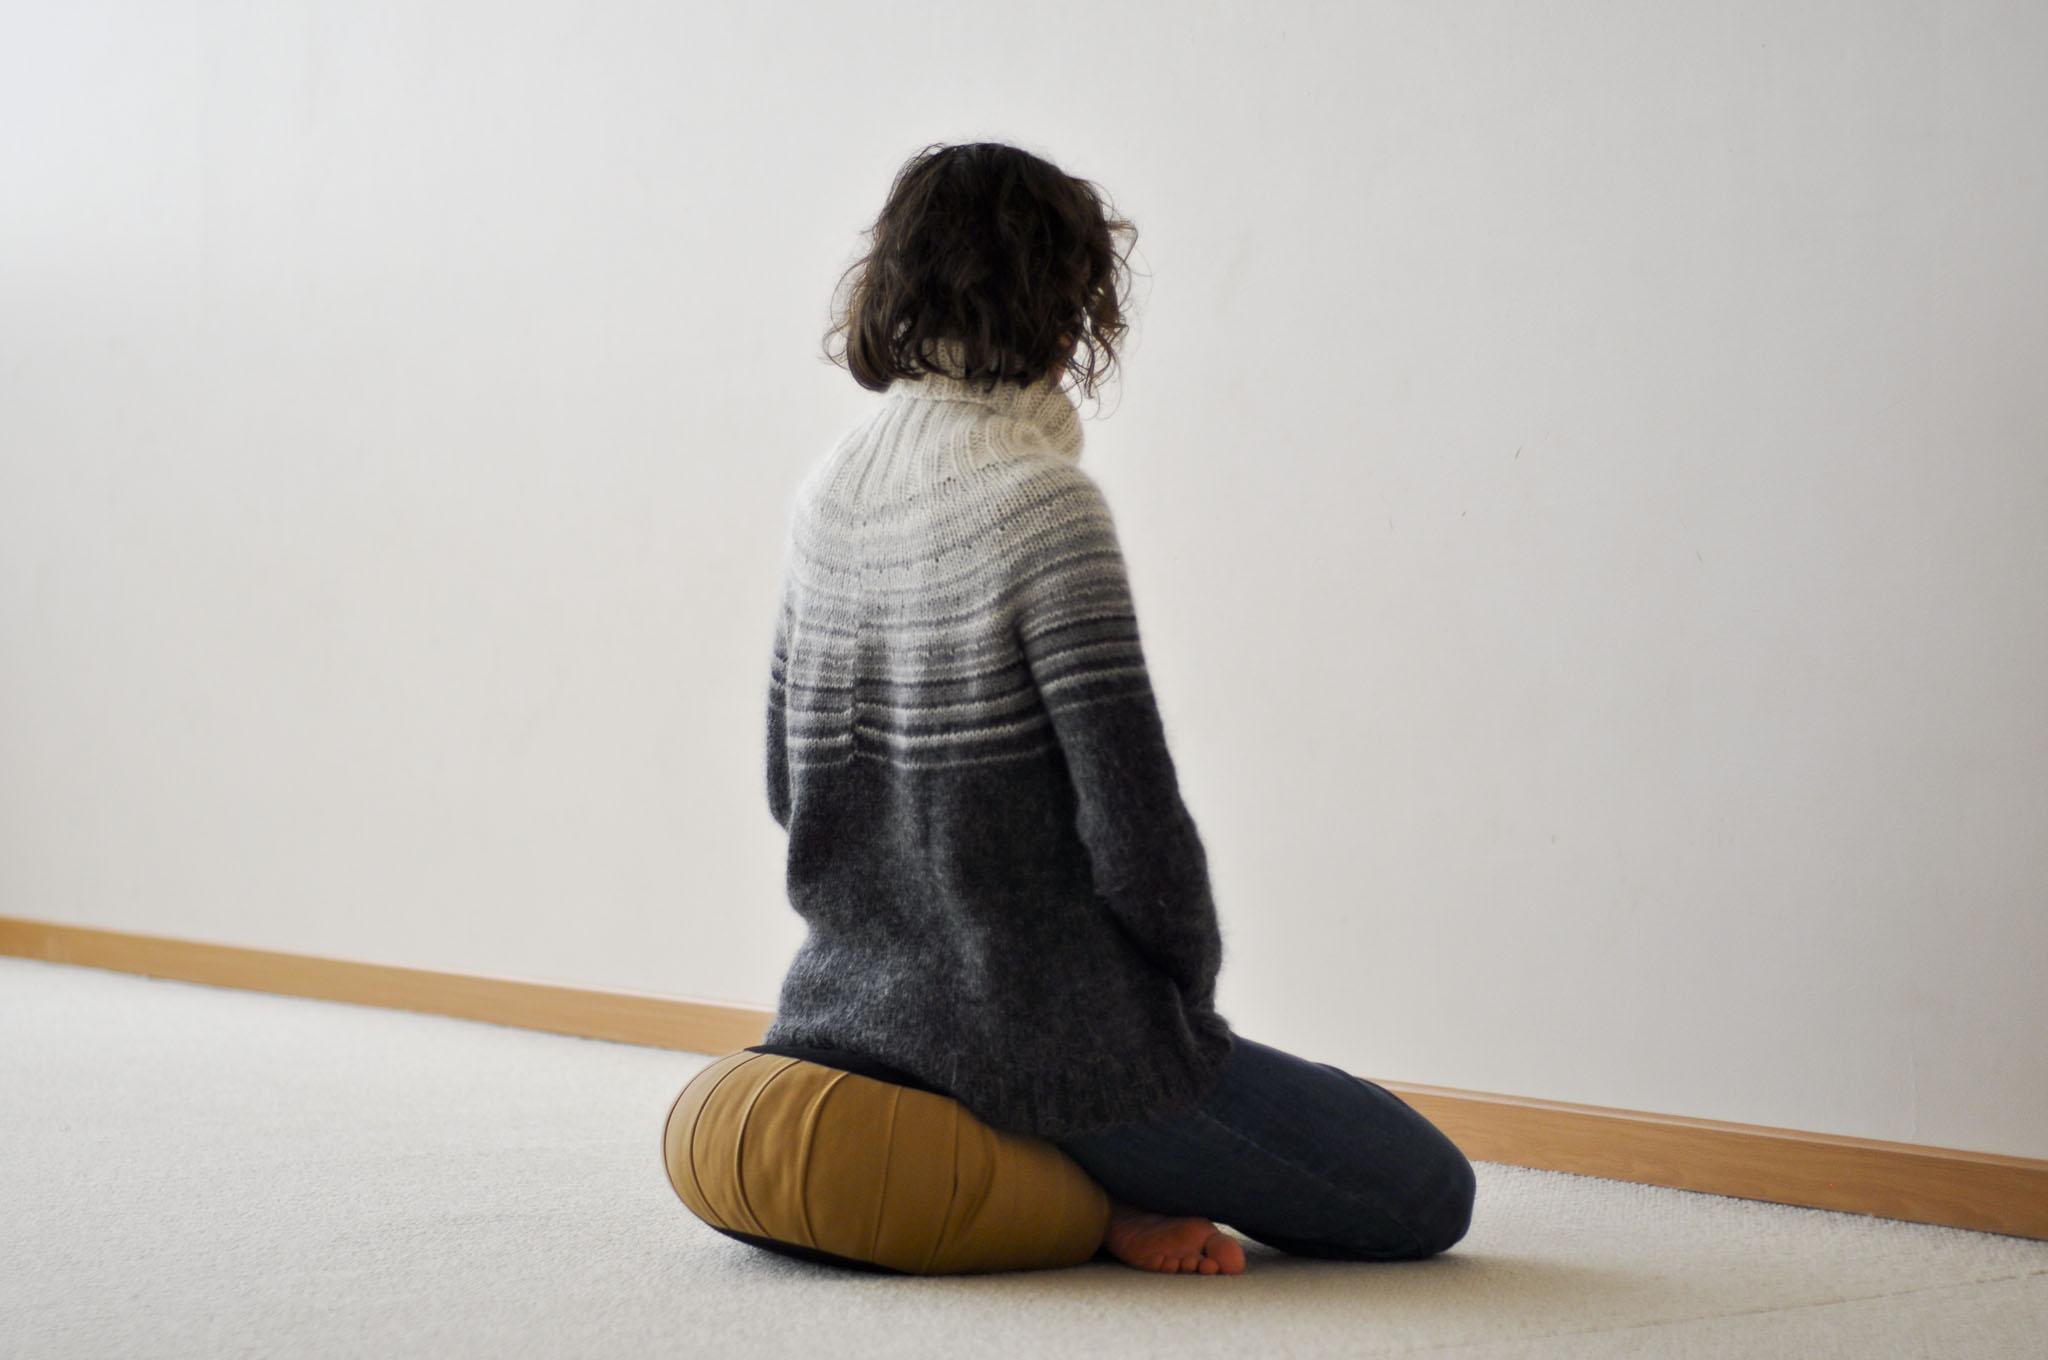 posture de méditation sur le zafu